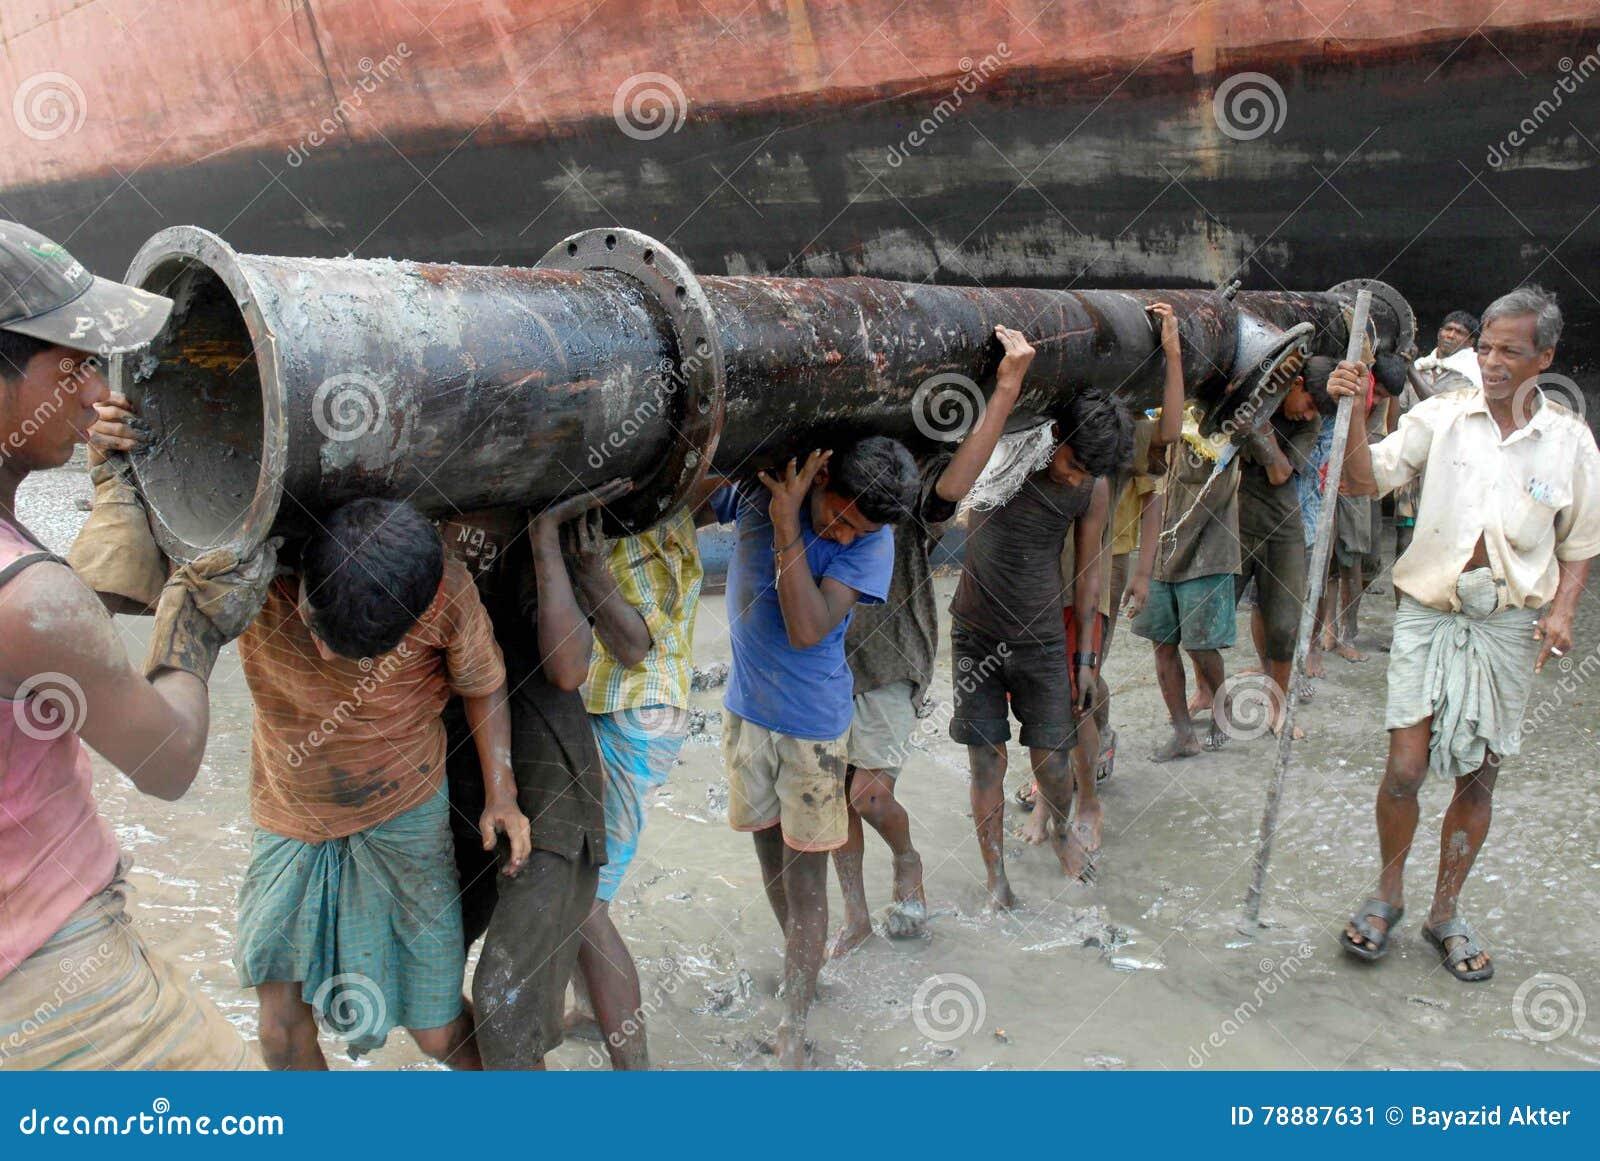 Statku łamanie w Bangladesz